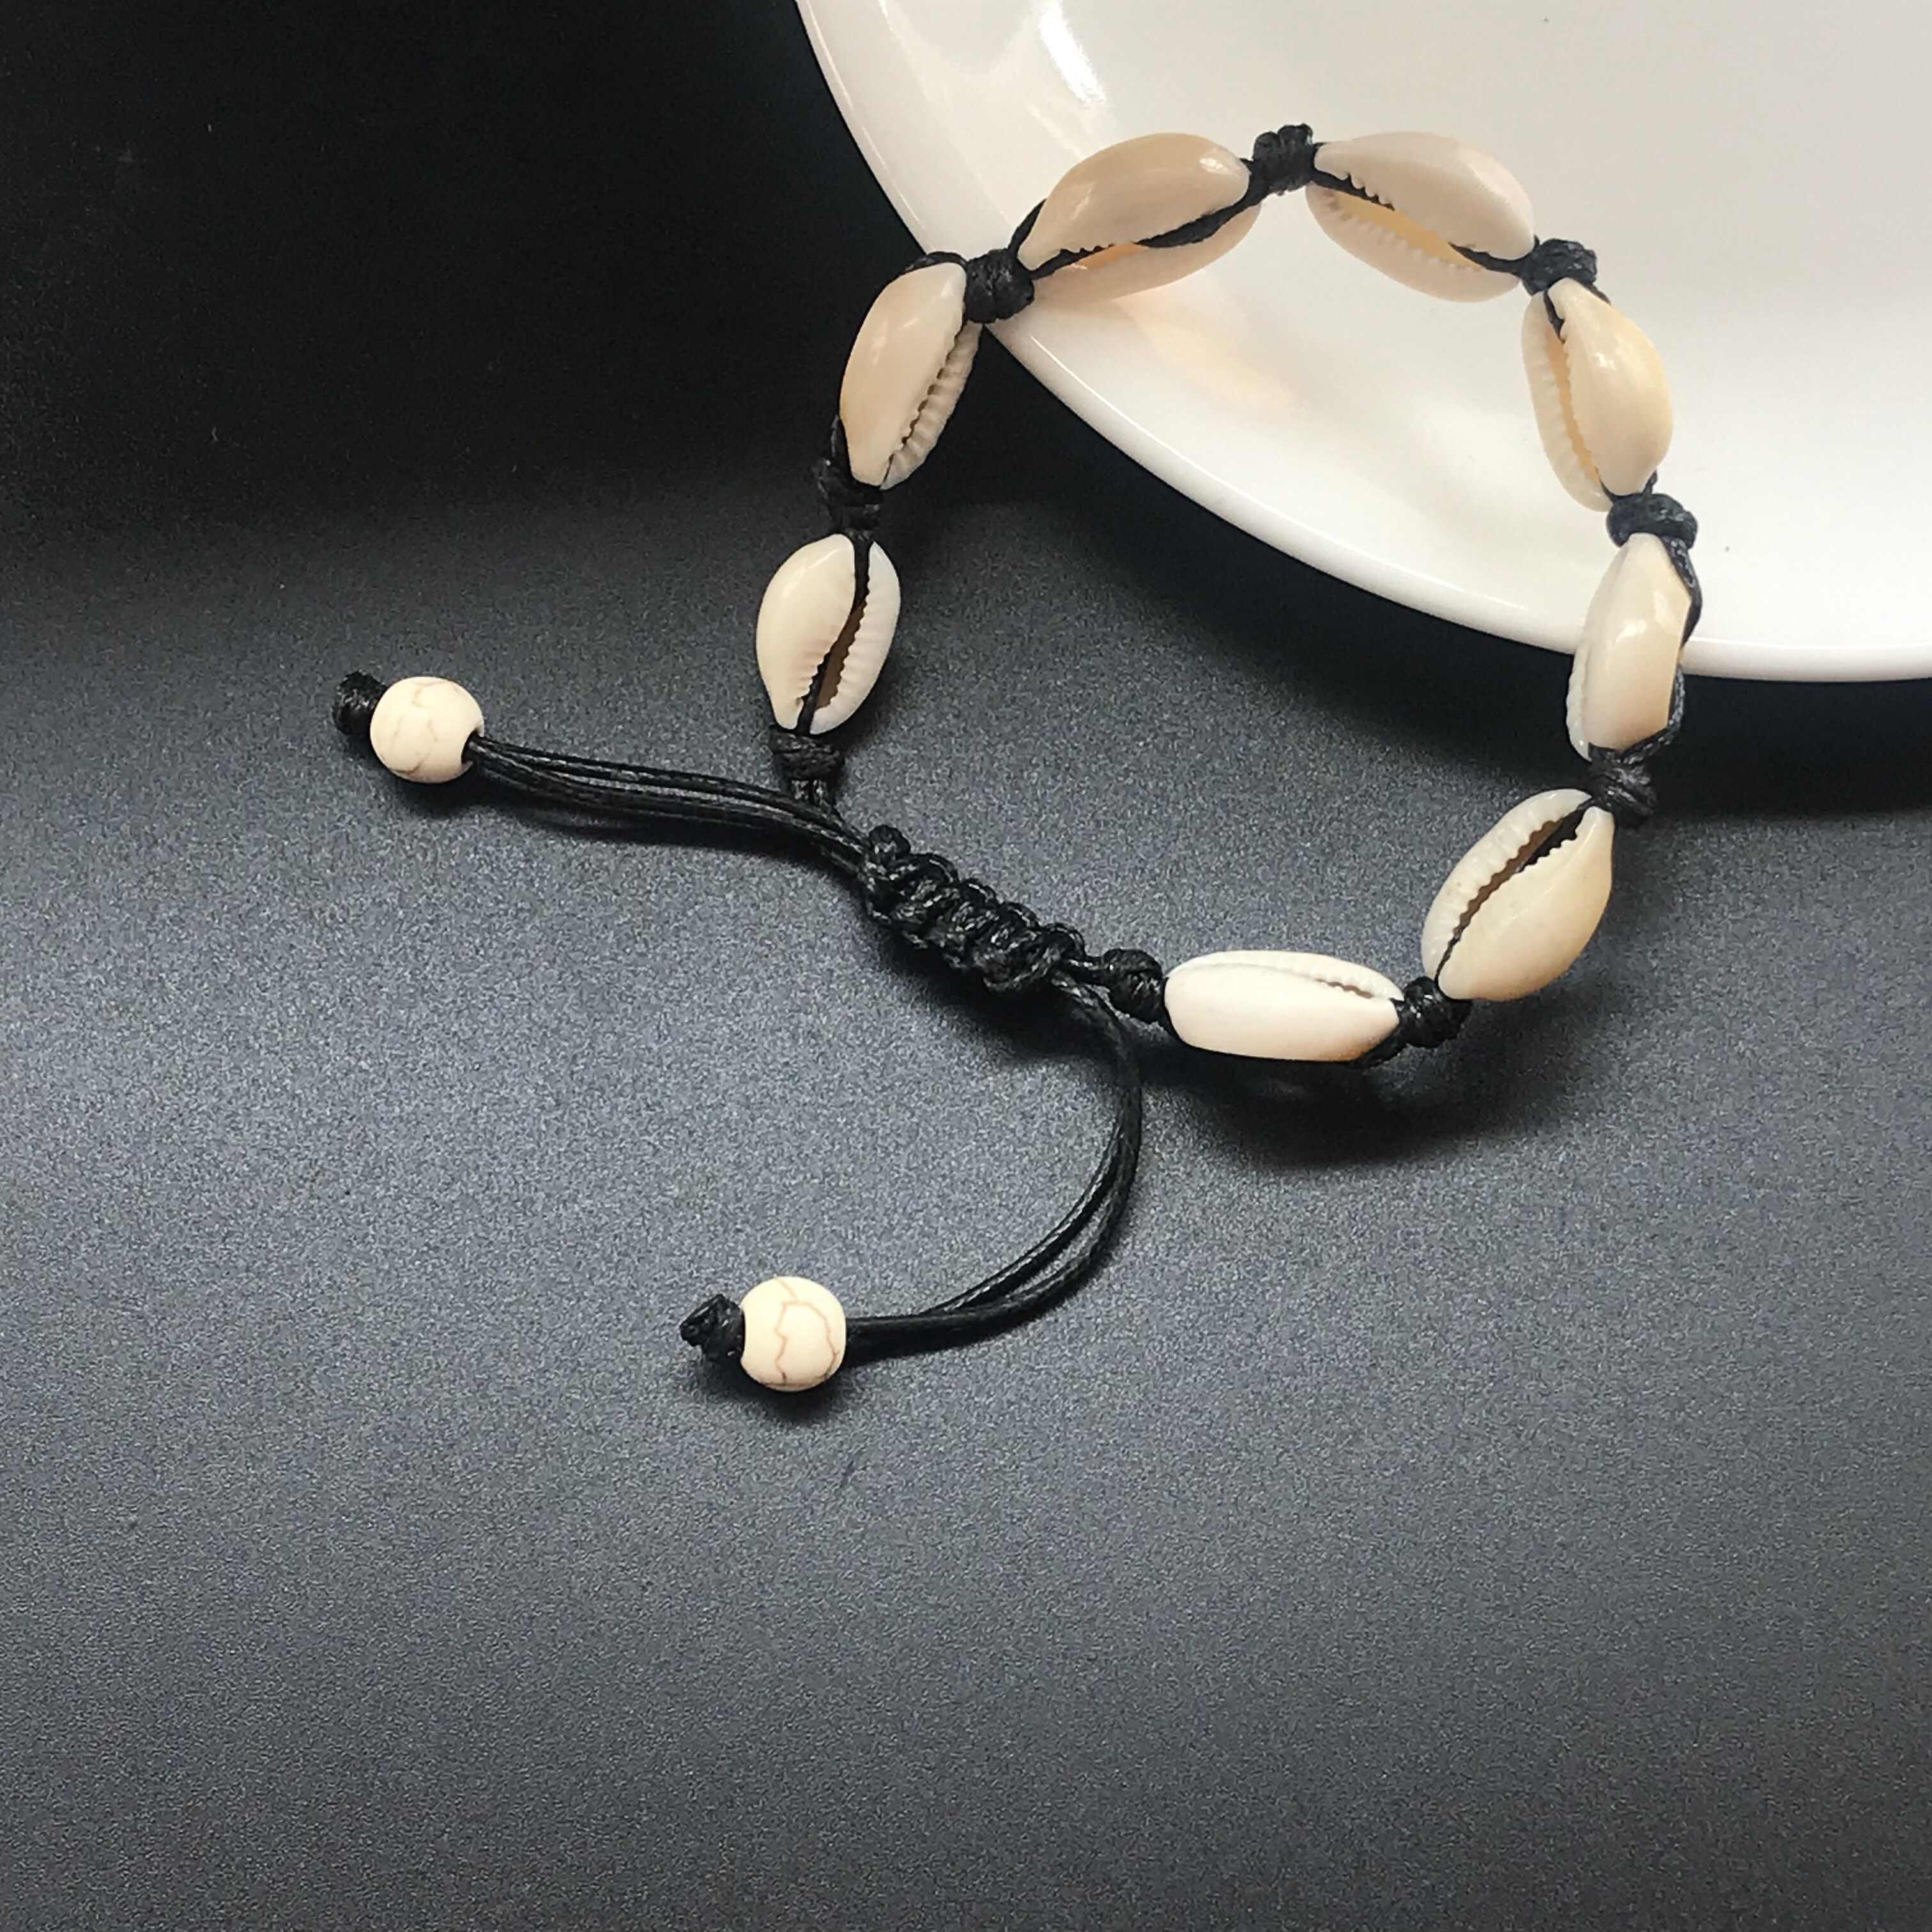 Gorąca sprzedaż ręcznie naturalne muszla ręcznie dzianiny bransoletka muszle bransoletki kobiety akcesoria zroszony bransoletki Strand